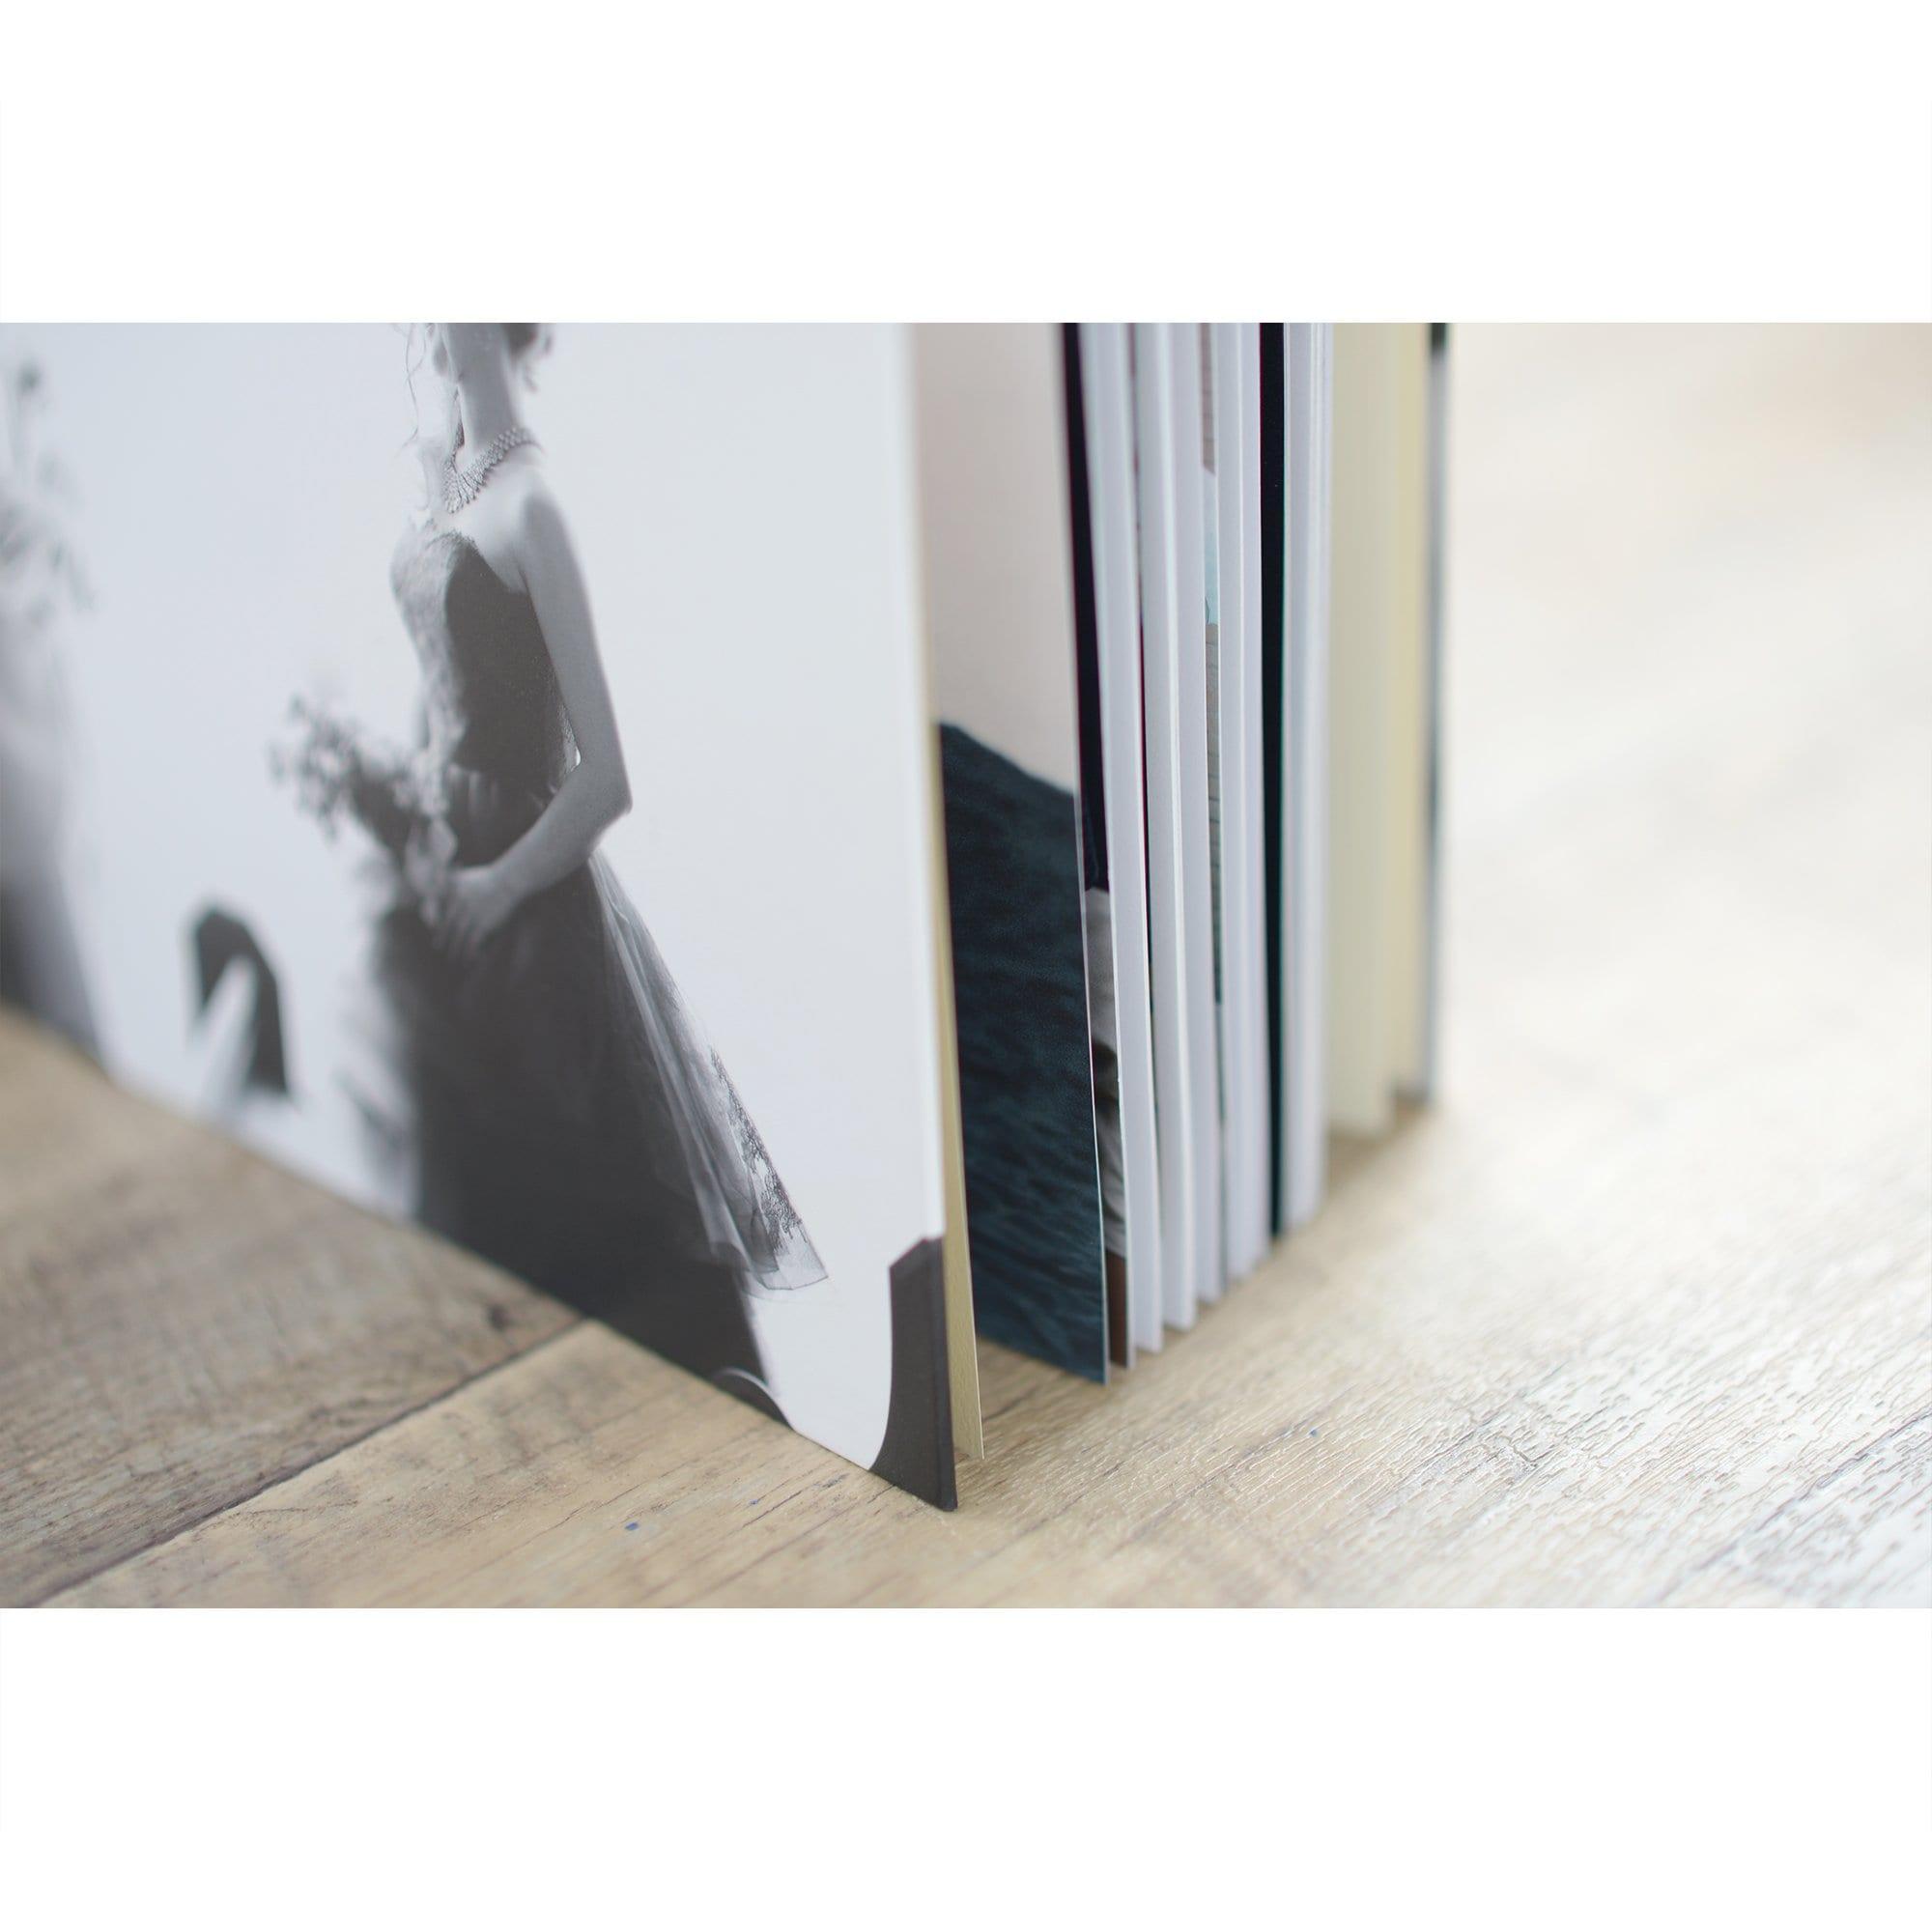 アルバム製本 コスモス20ページのイメージその5